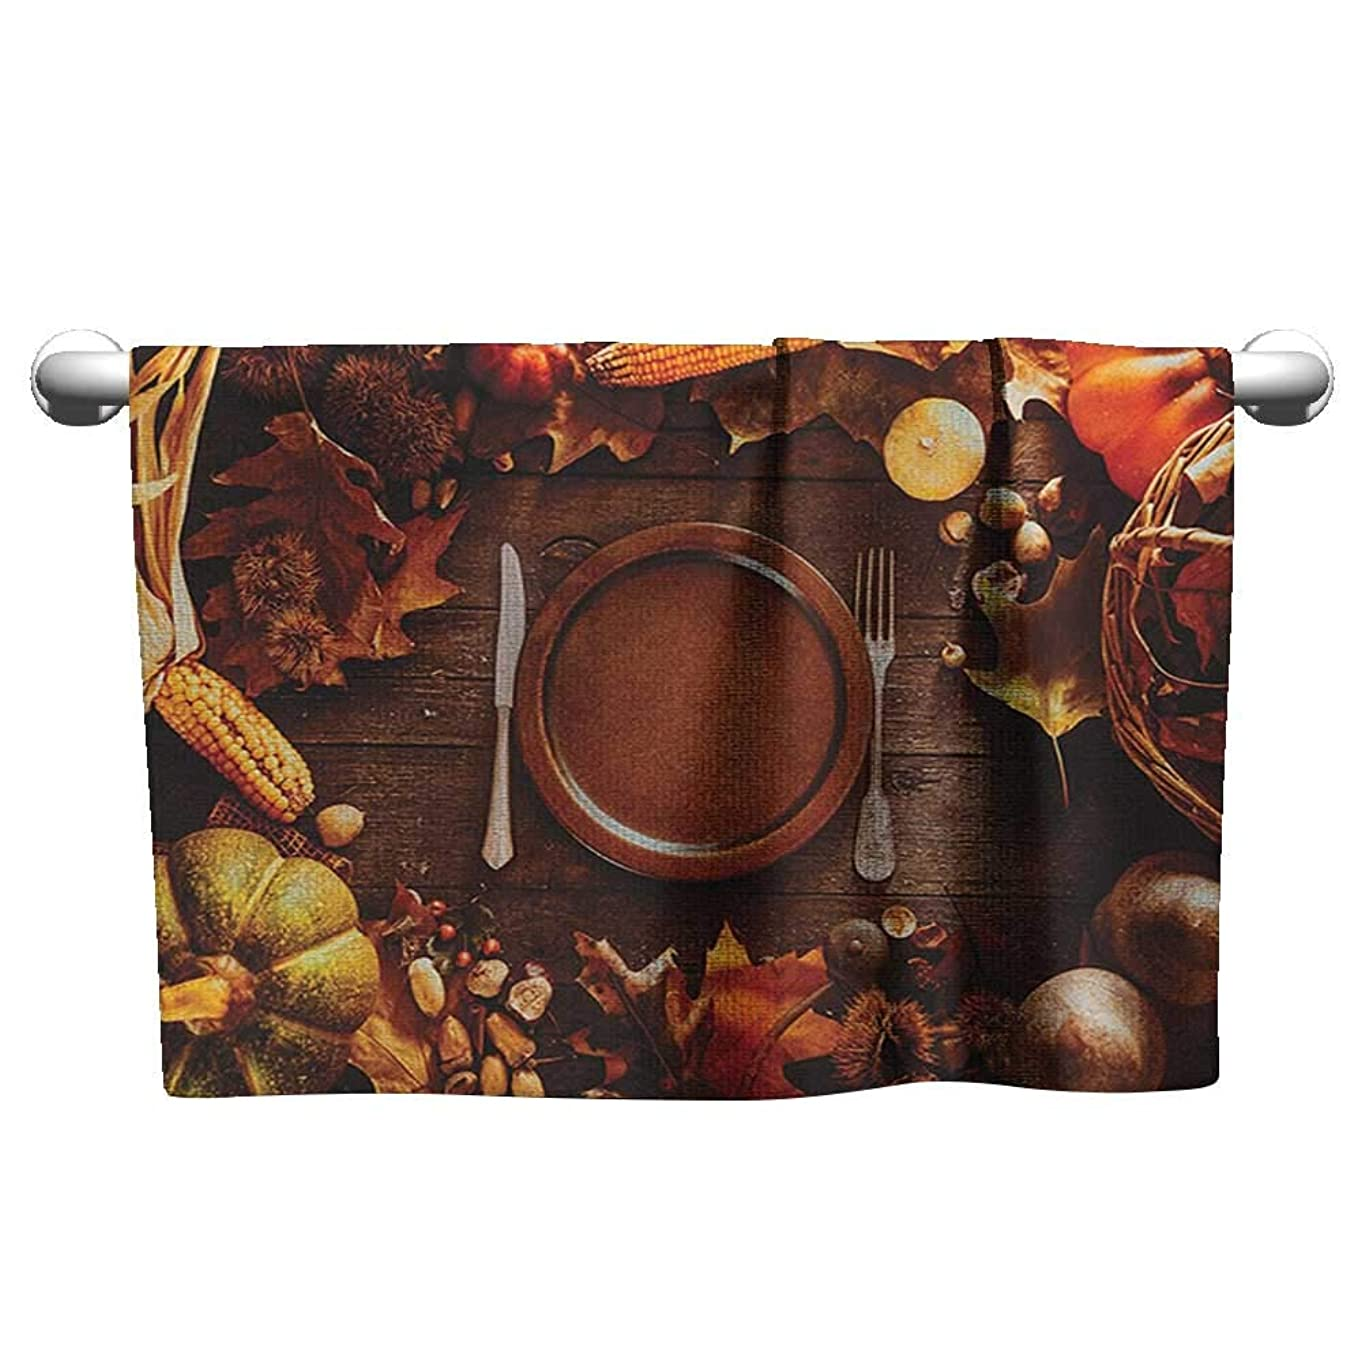 壊す役職報いるフローラル ハンドタオル 収穫 感謝祭の夕食 秋の色 テーマプレートとカトラリー 季節の食料 ブラウン オレンジ タオルマット バスルーム W12